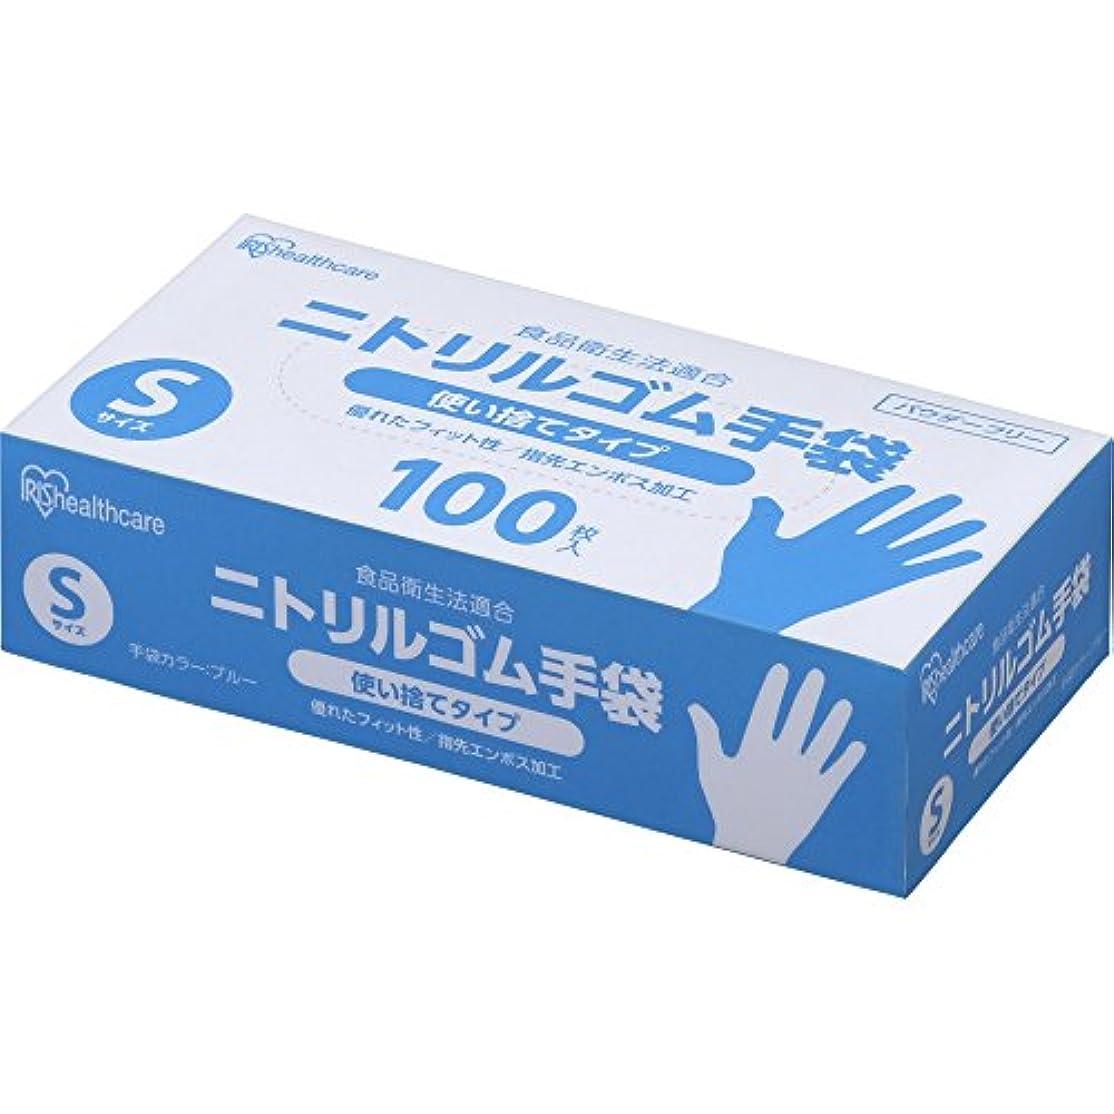 乗算放散するシャベルアイリスオーヤマ 使い捨て手袋 ブルー ニトリルゴム 100枚 Sサイズ 業務用